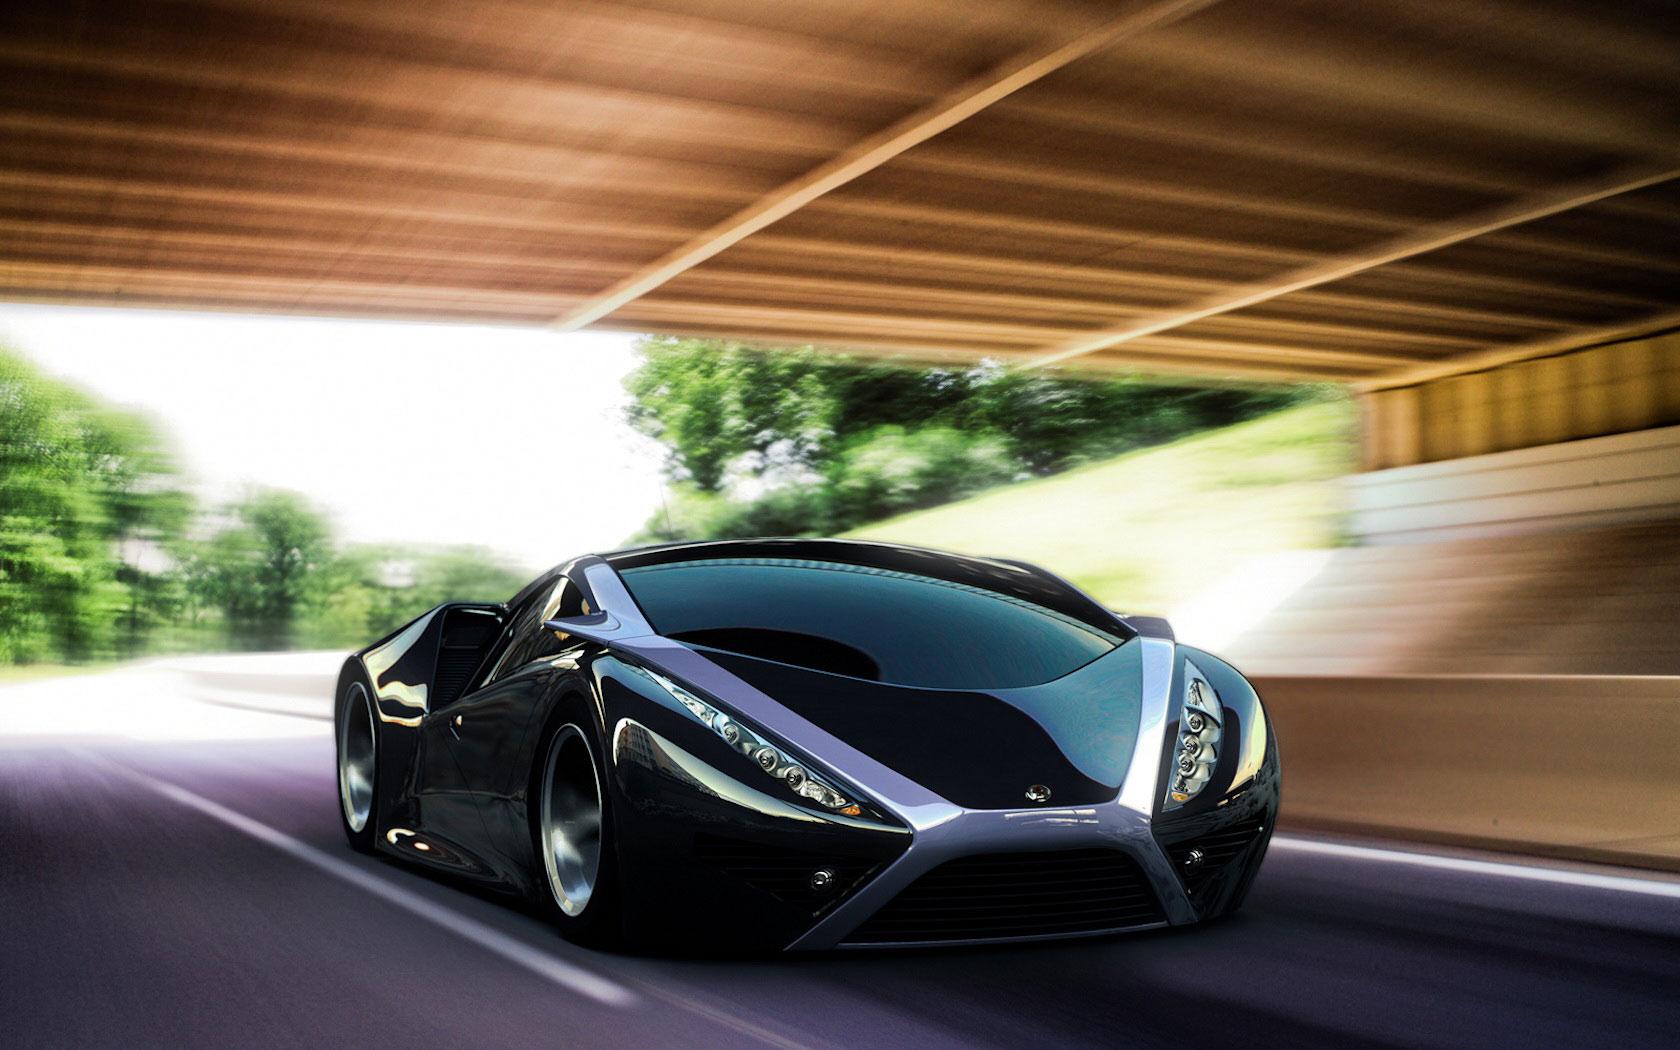 hd super car wallpapers wallpapersafari